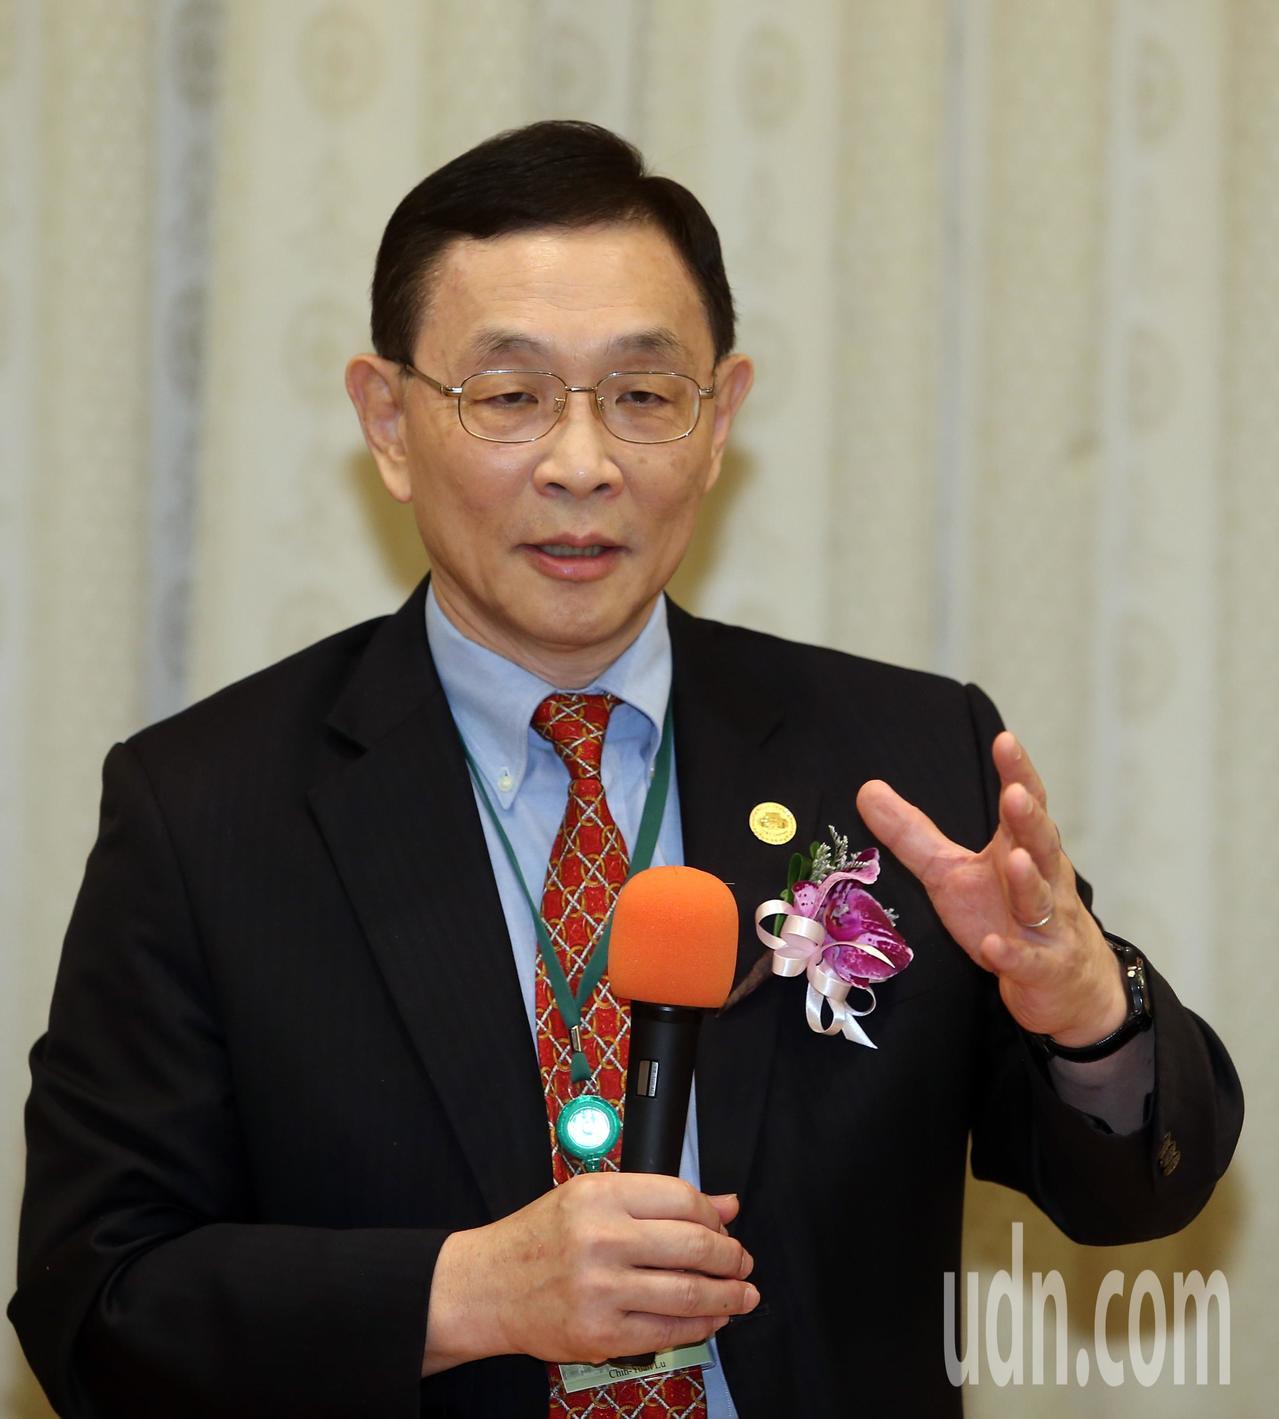 中研院下午由院長廖俊智公布新科院士,共21位院士榮獲殊榮,出席的包括旺宏電子總經...